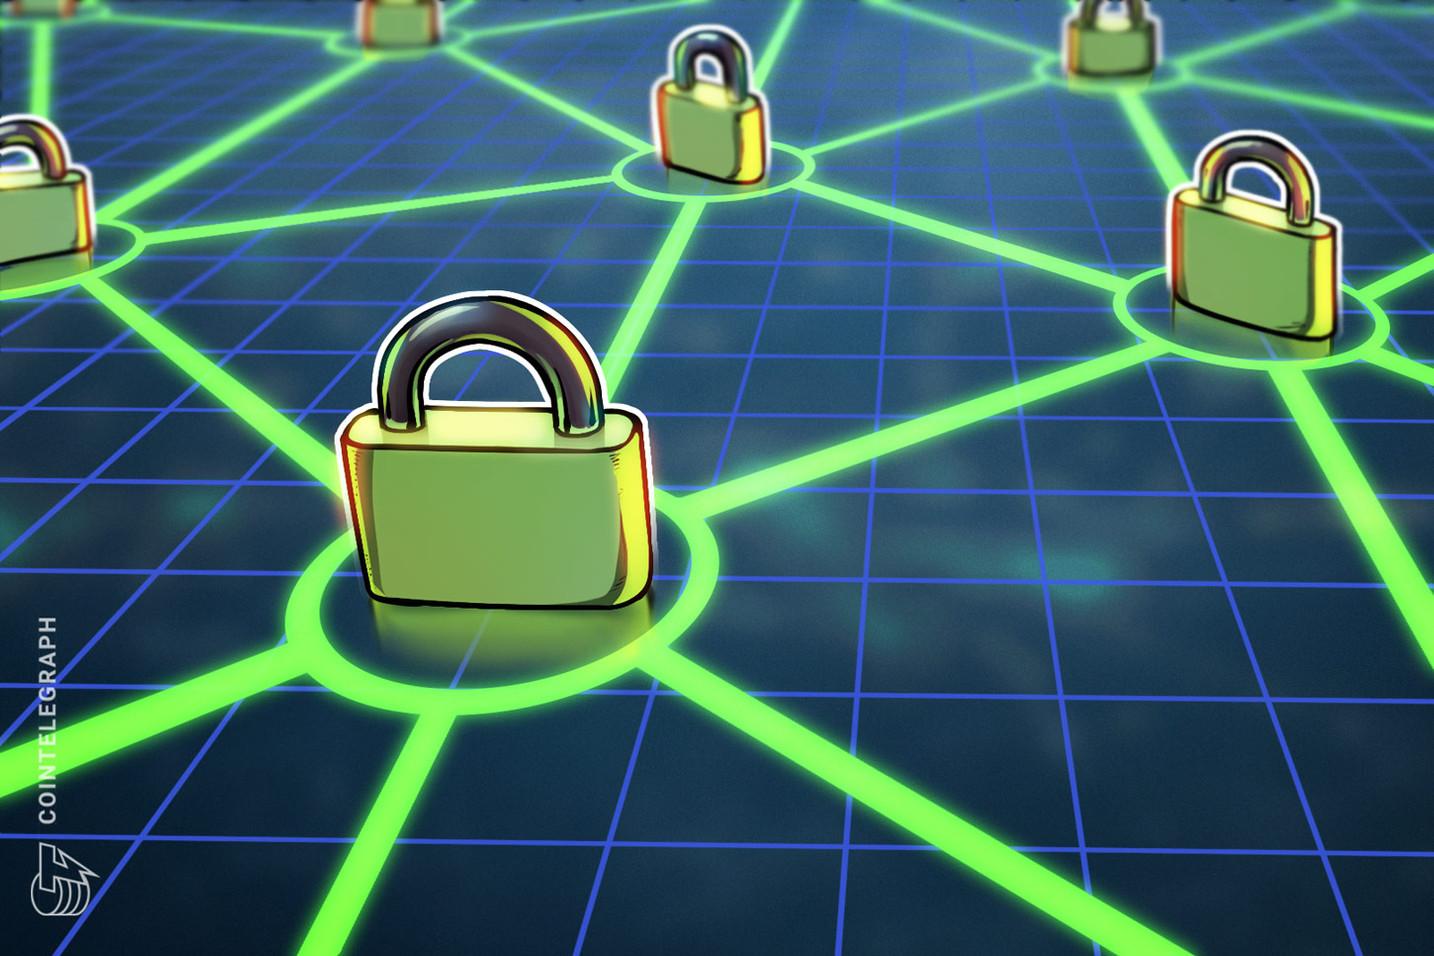 Ledger: Las vulnerabilidades de la billetera recientemente descubiertas no son críticas